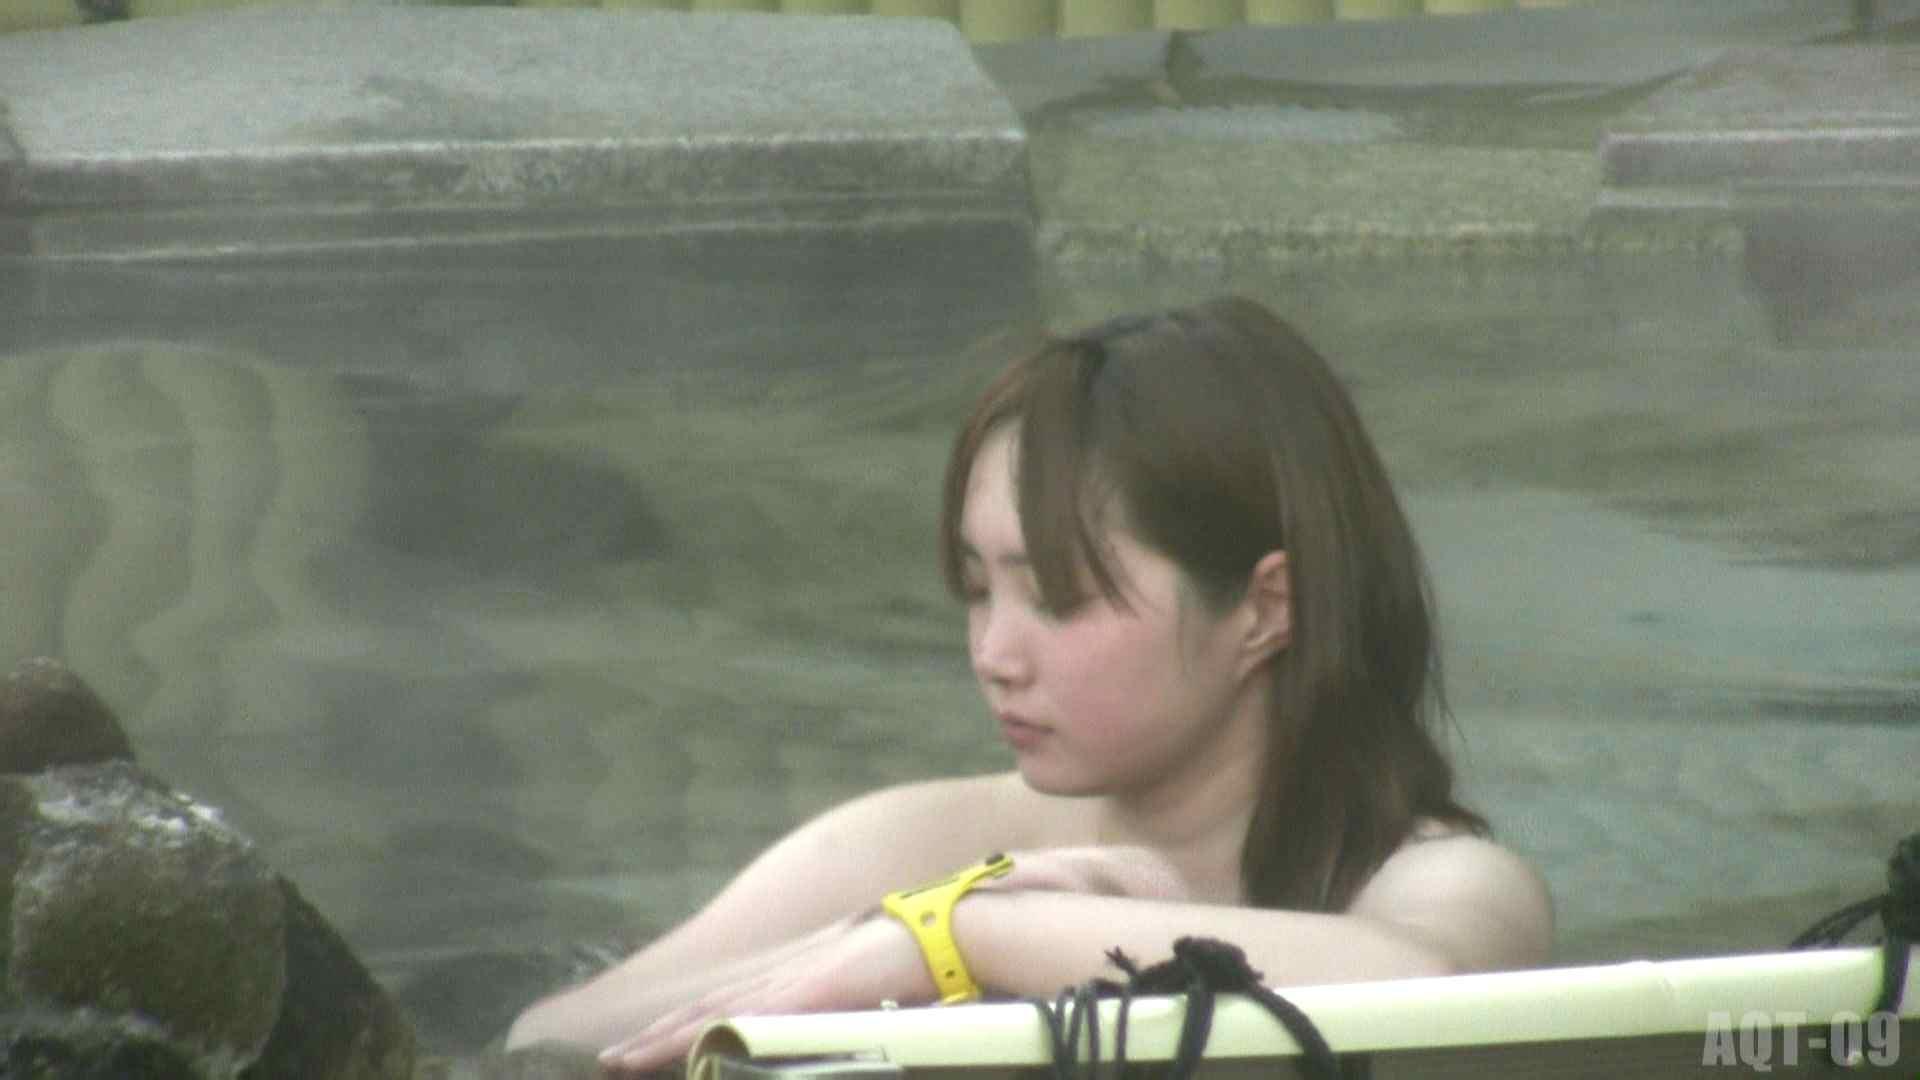 Aquaな露天風呂Vol.781 盗撮  110画像 87